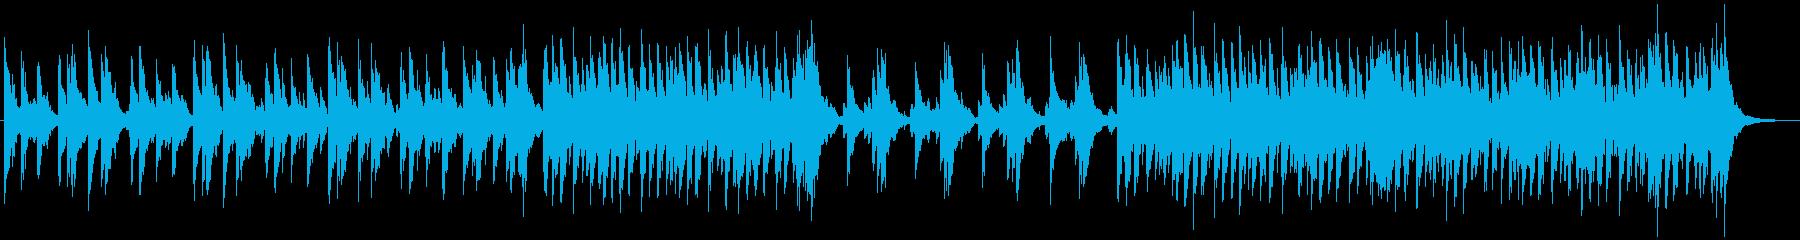 和太鼓アンサンブル&かけ声、力強いBの再生済みの波形